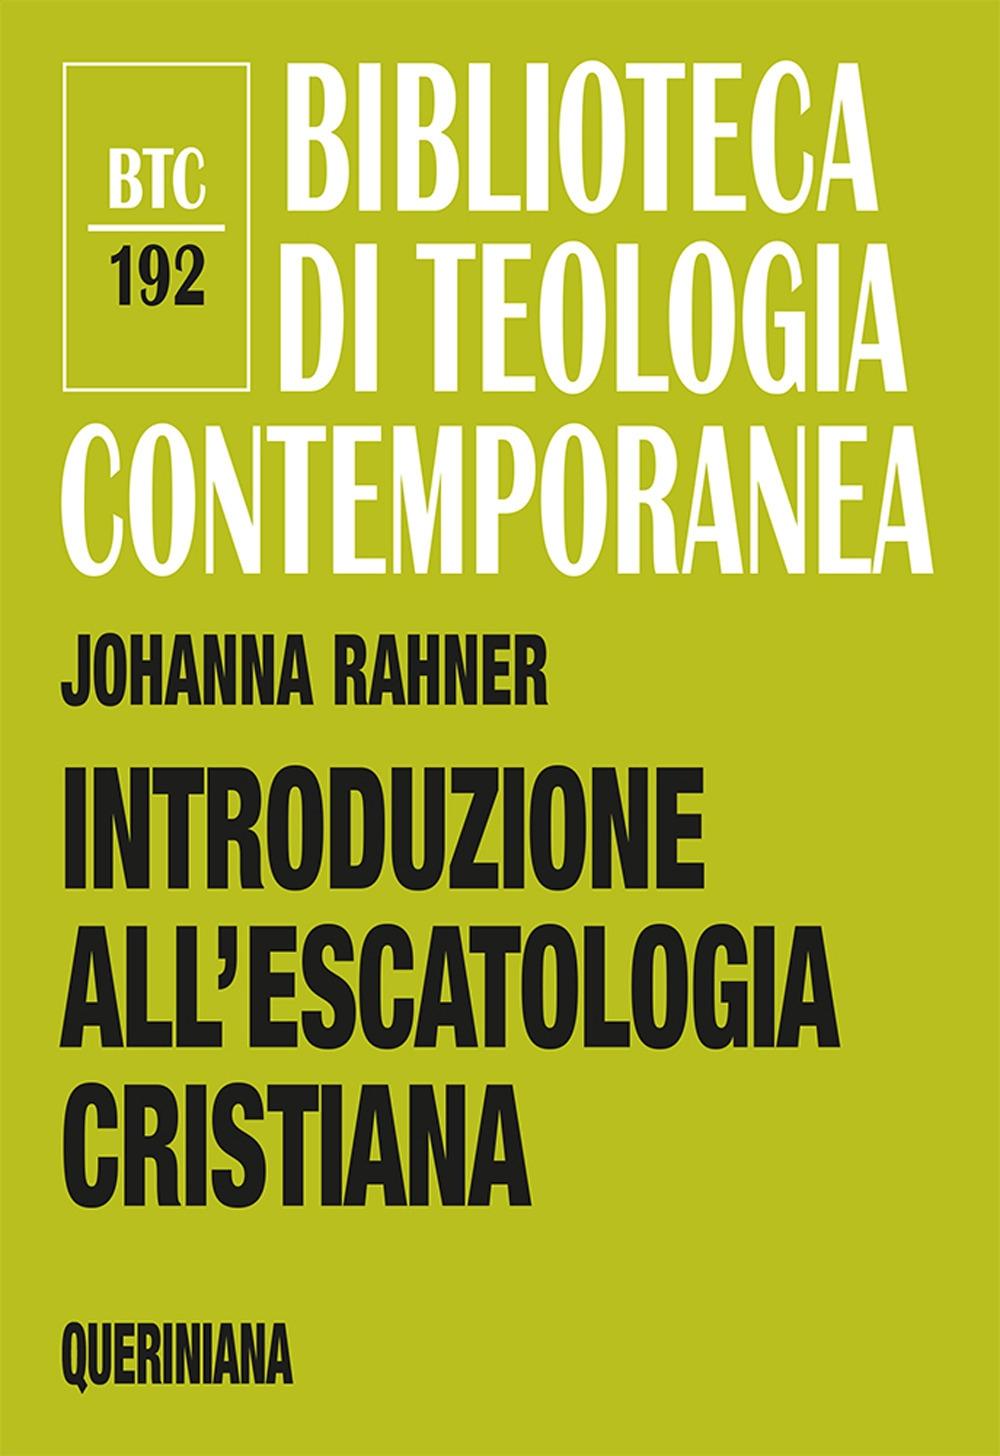 Introduzione all'escatologia cristiana